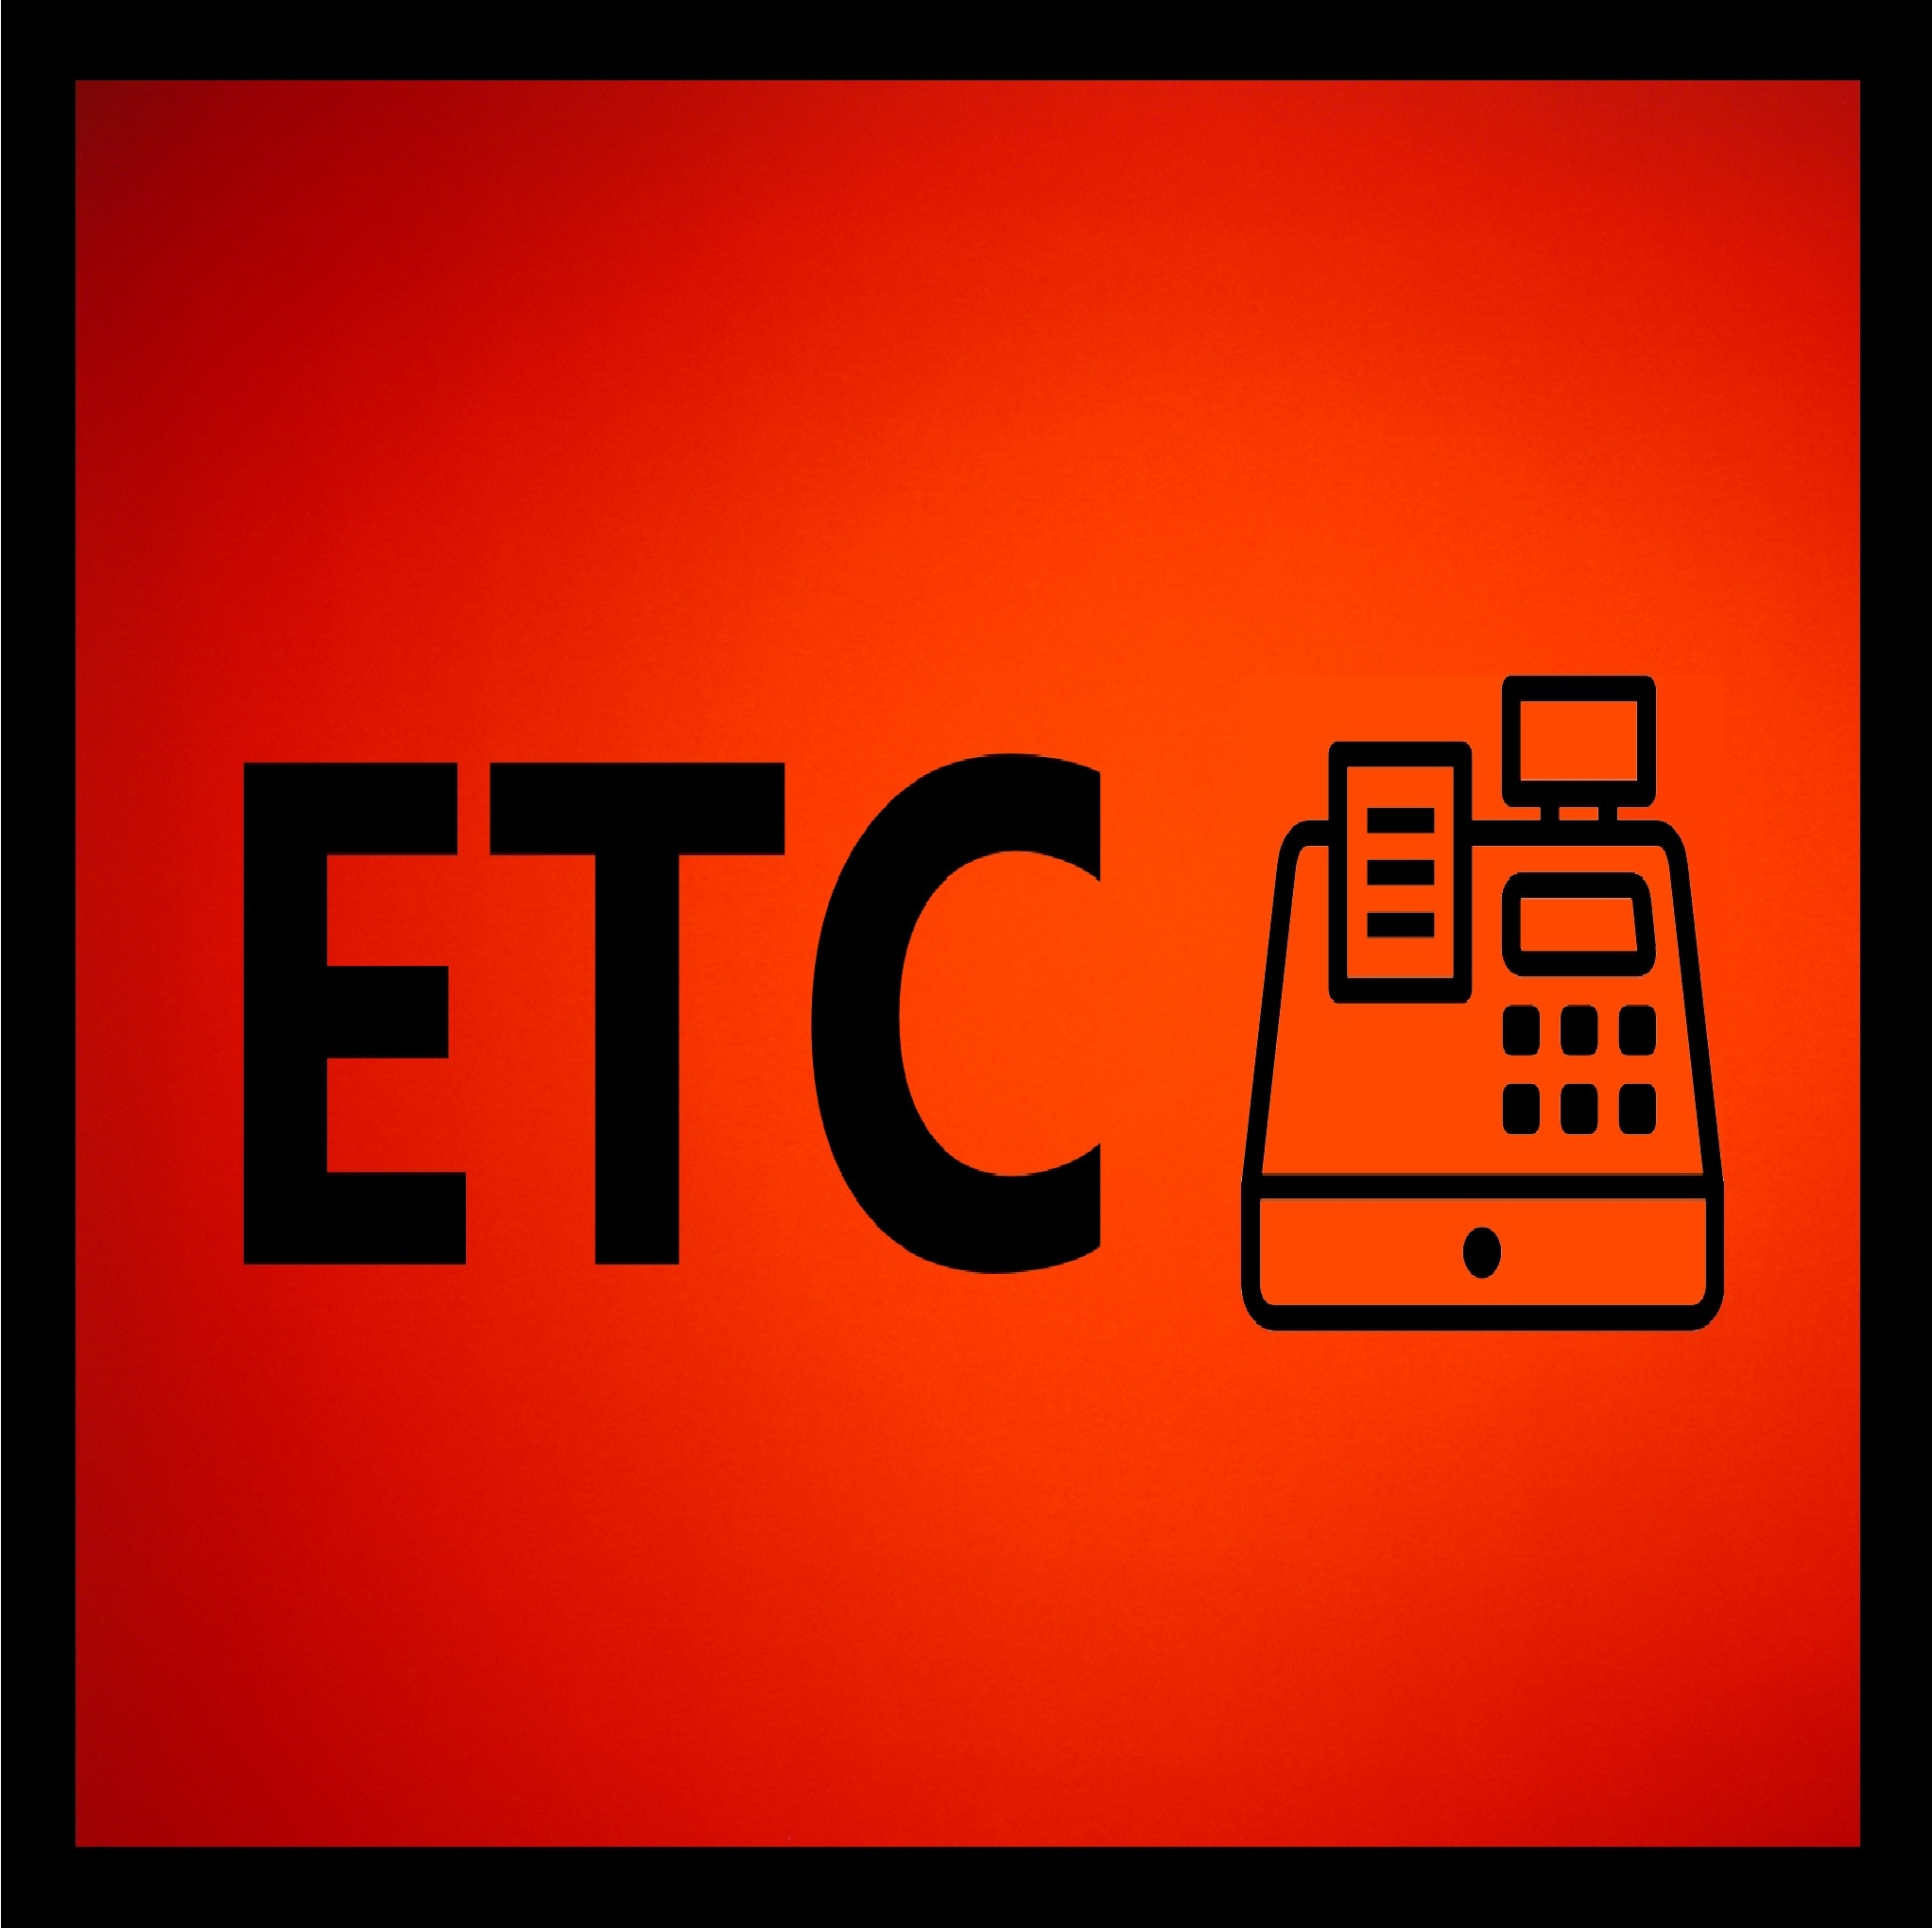 Eurasia Technology Company